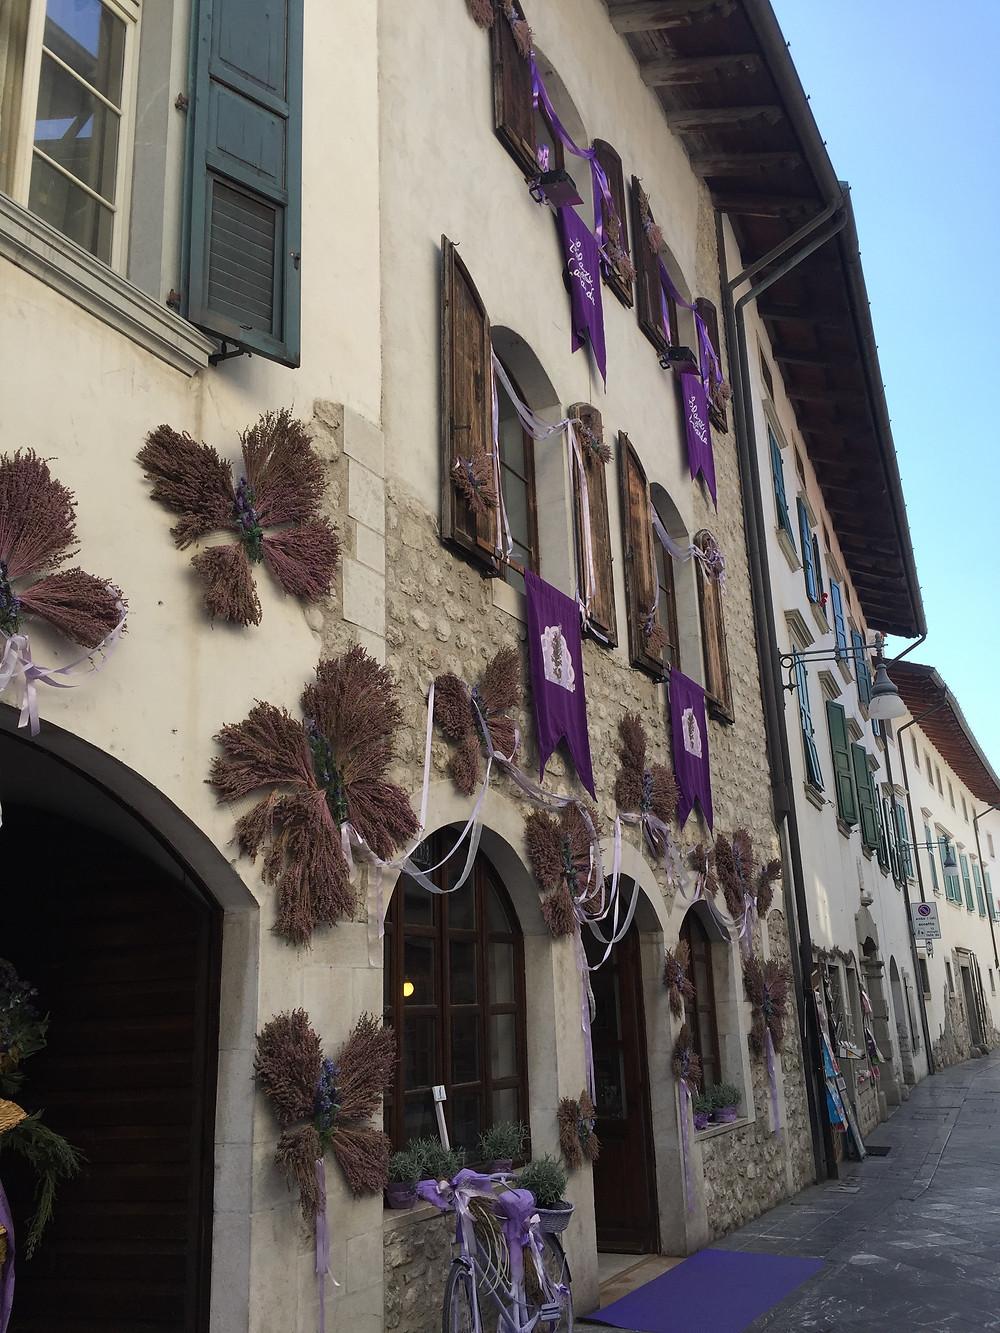 Een van de vele lavendel winkeltjes in de hoofdstraat